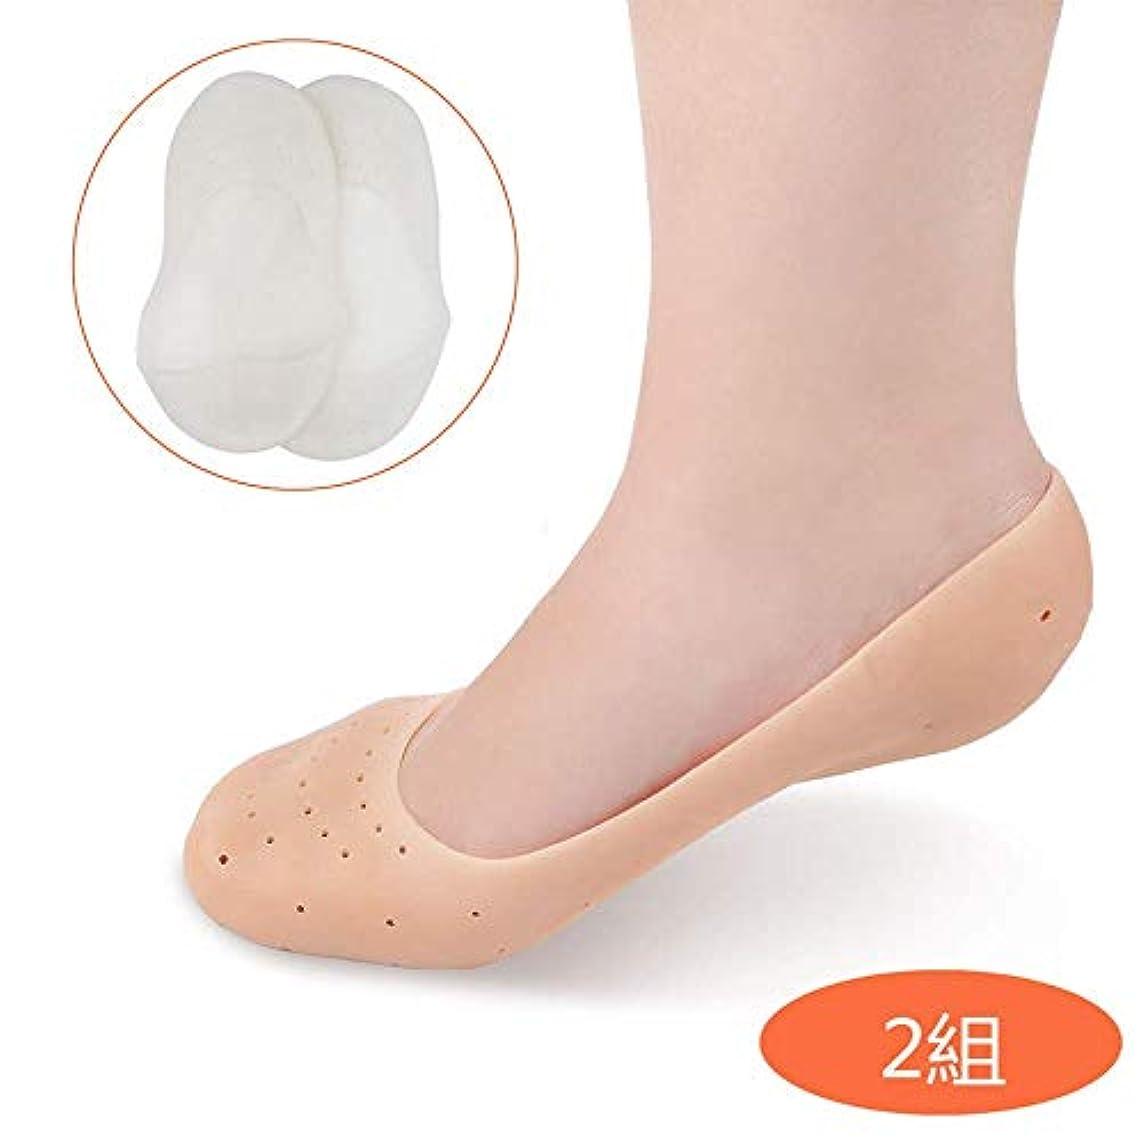 原始的な無能アンデス山脈シリコンソックス 靴下 かかとケア ヒールクラック防止 足ケア 保湿 角質ケア 皮膚保護 痛みの緩和 快適 通気性 男女兼用 (2組)